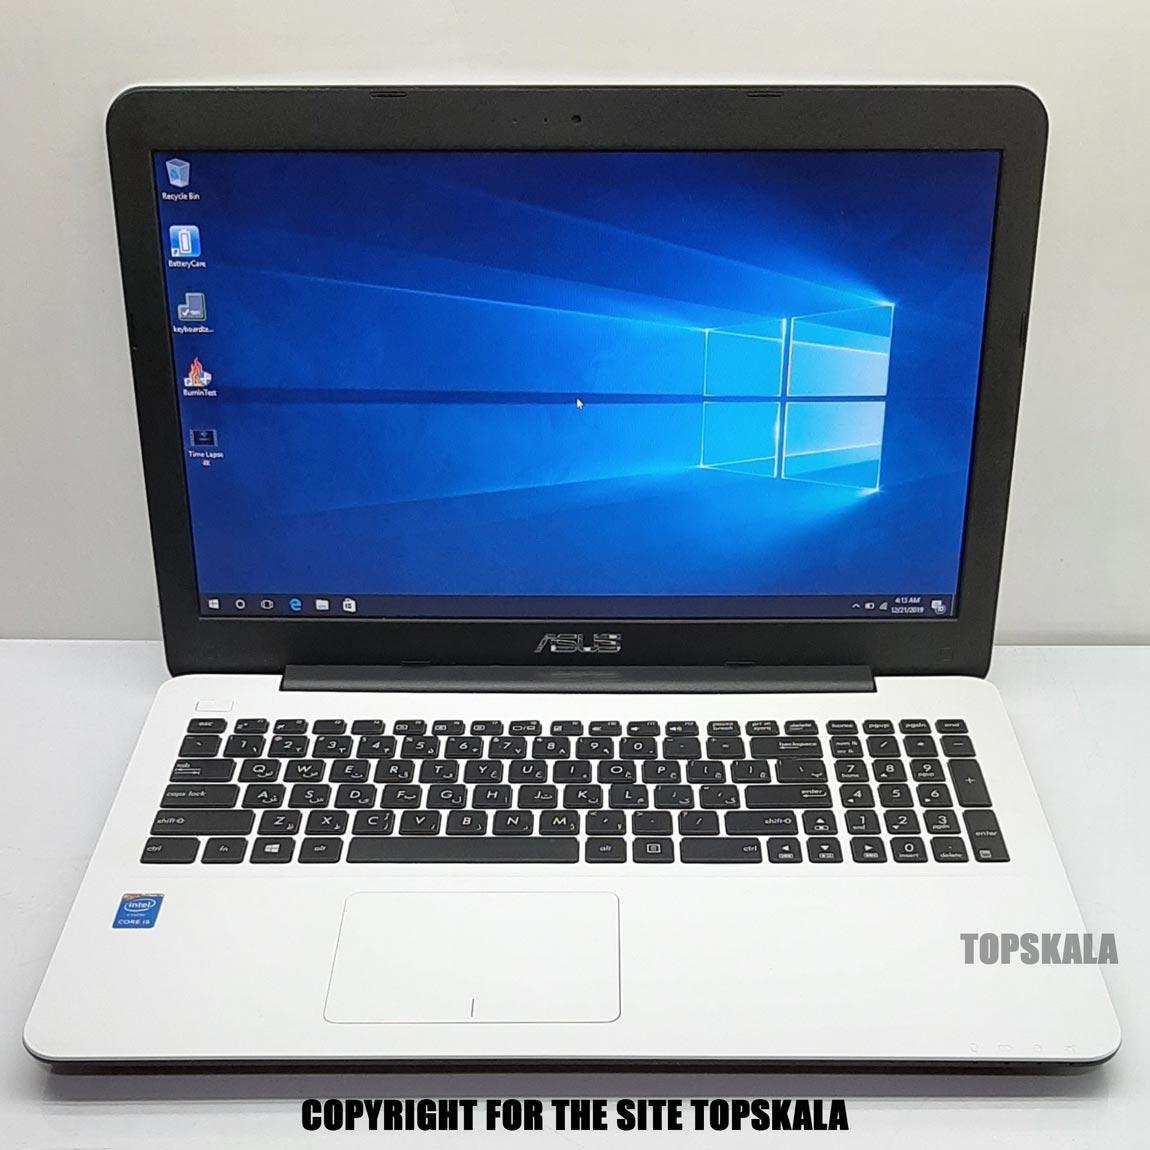 لپ تاپ استوک ایسوس مدل ASUS X555LJ با مشخصات i5-5th-8GB-500GB-HDD-2GB nVidia GT 920mlaptop-stock-ASUS-model-X555LJ-i5-5th-8GB-500GB-HDD-2GB-nVidia-GT-920m